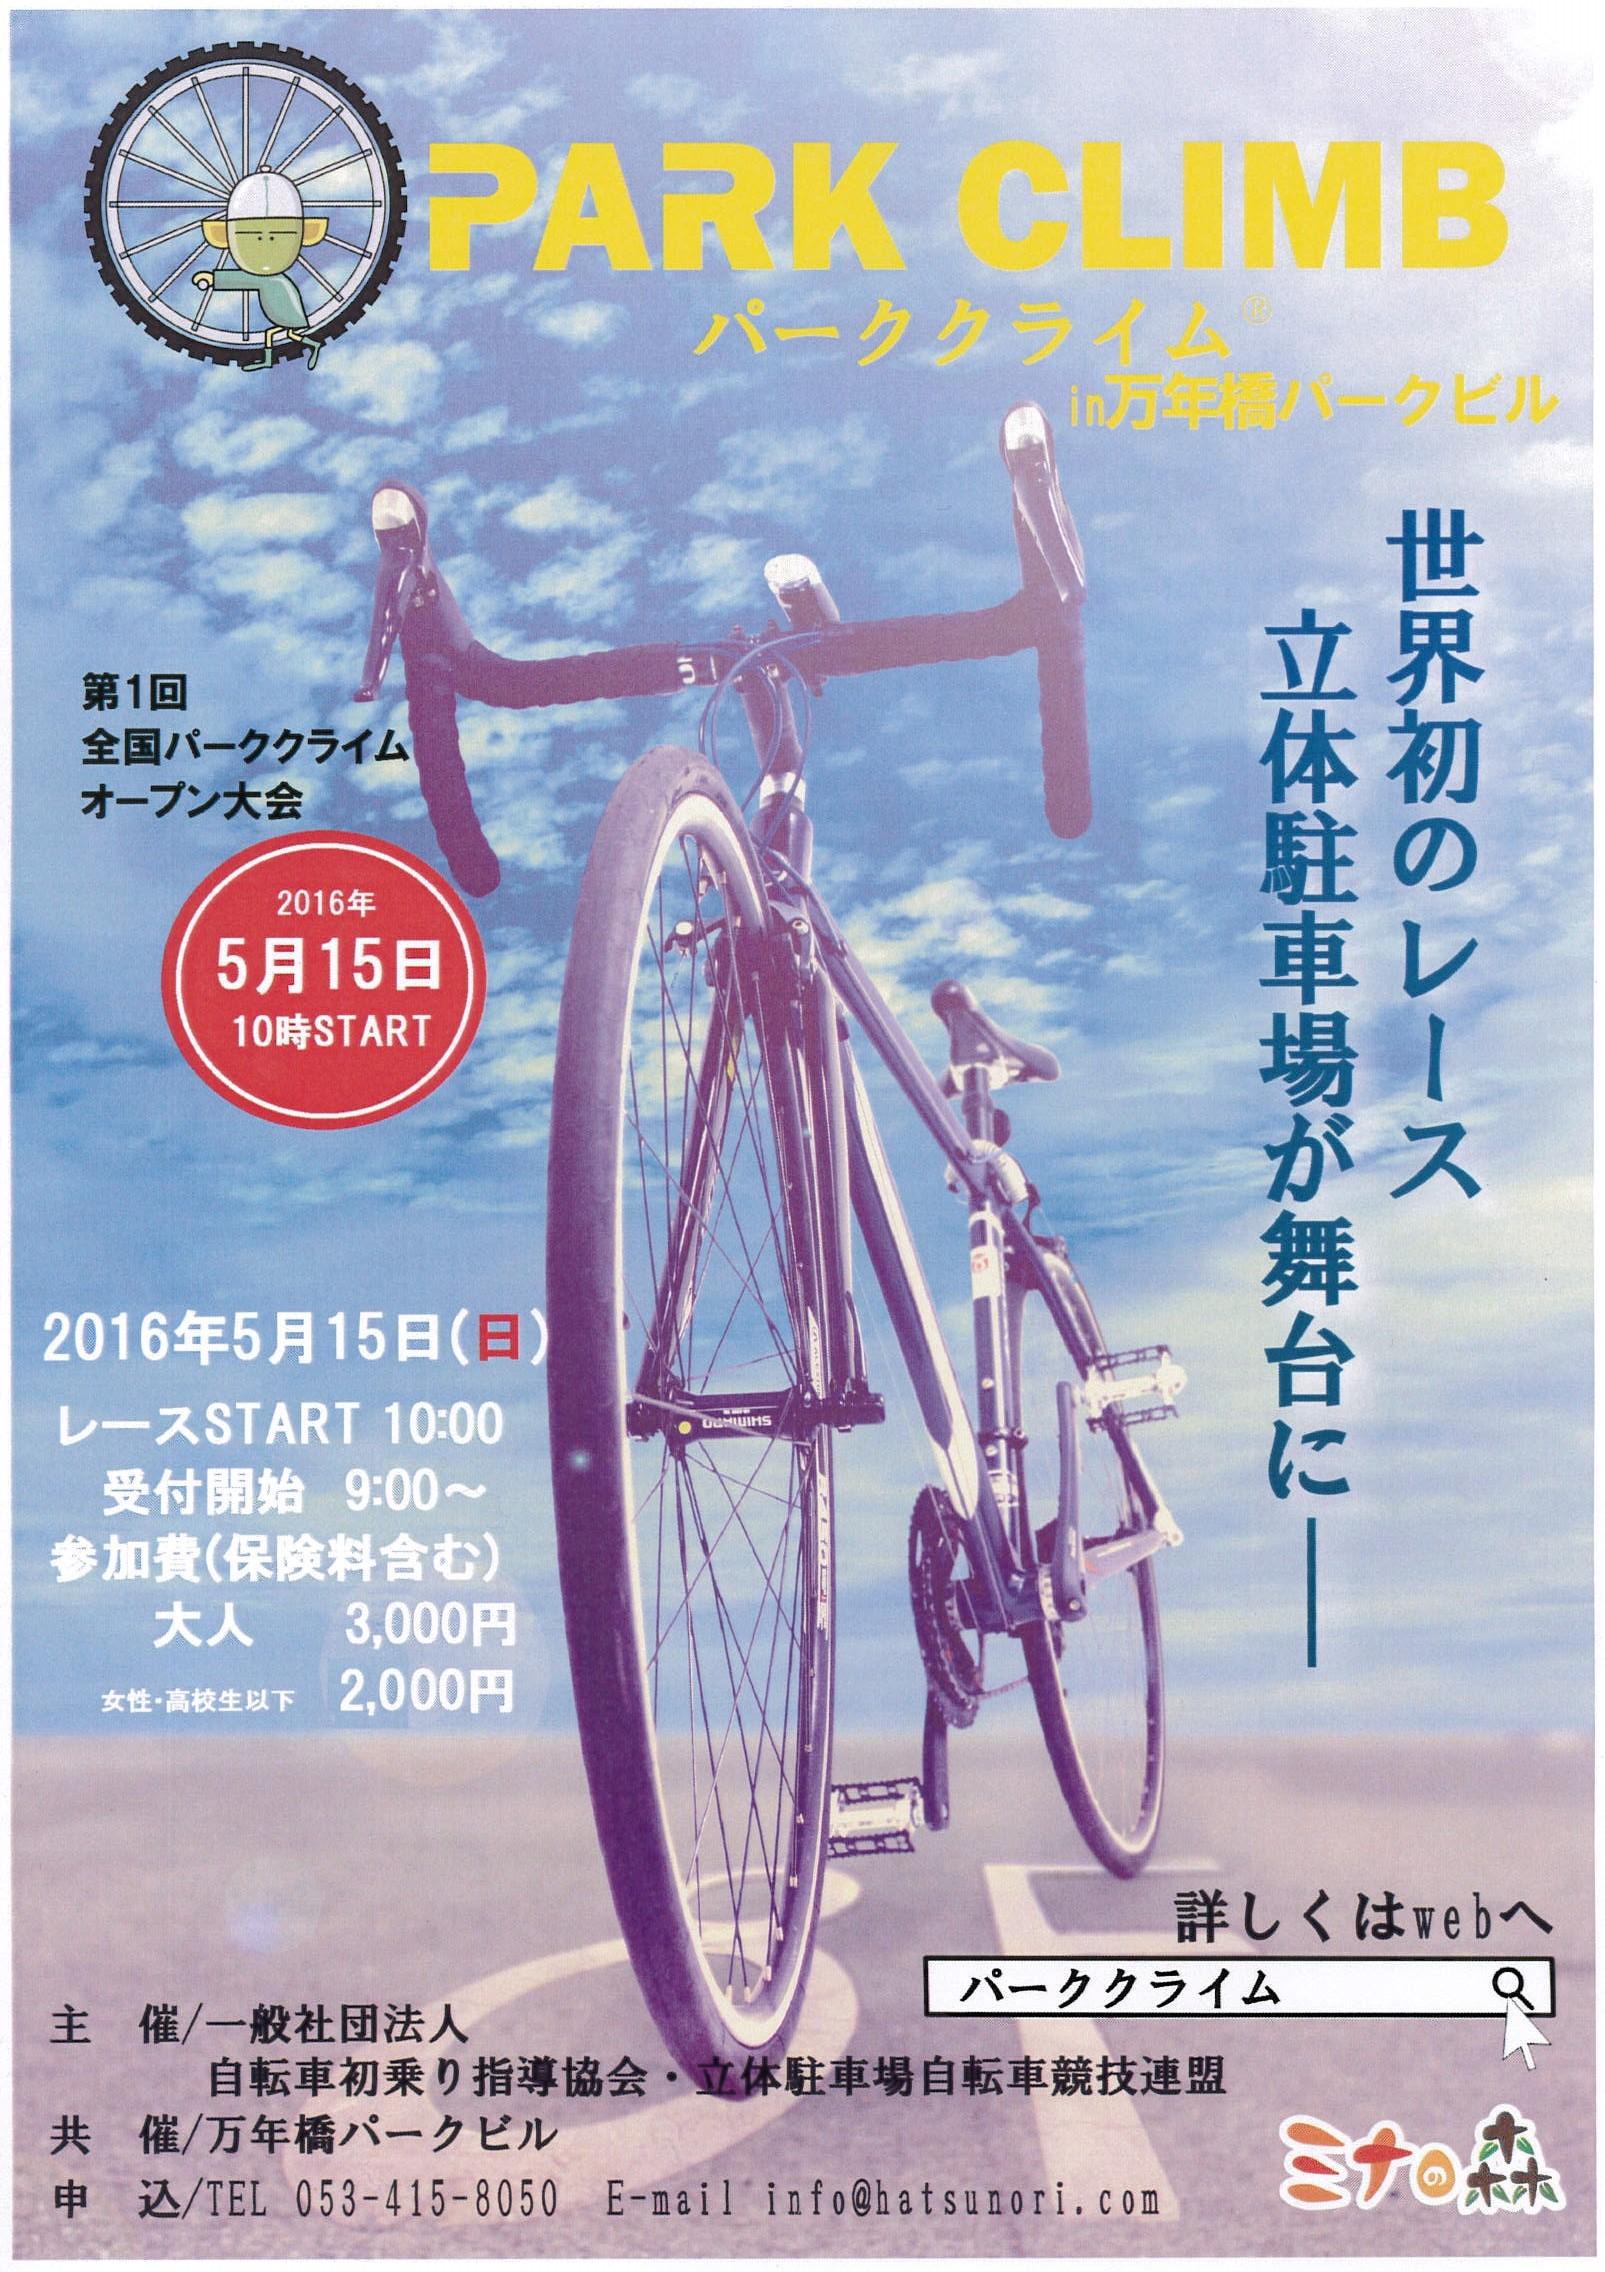 MX-2514FN_20160408_150755_001